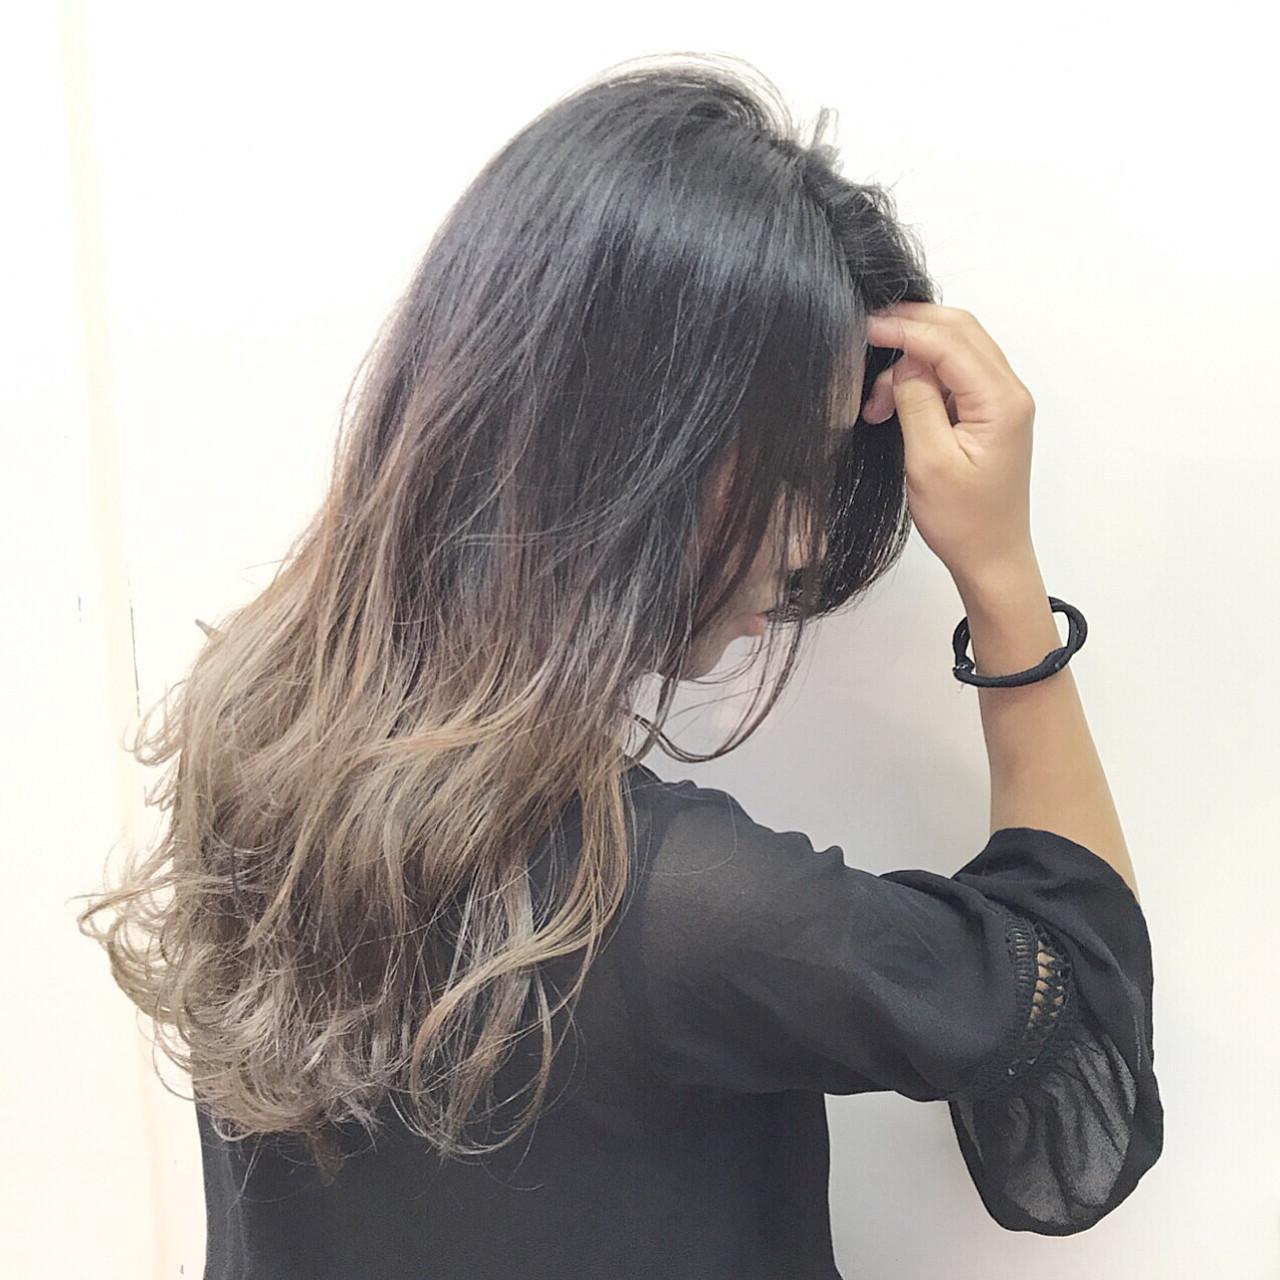 グレージュハイグラデーション . 群馬から僕のInstagramをみて来てくれました^ ^ まりなさん今日は本当にありがとうございました^ ^ , 黒染めからのこのクオリティ! 履歴と髪質とを考えてここまで持って行くカラーをマニアックに追求しました! . 新しい髪色楽しんでくださいね^ - ^ . 担当 creative designer 【落合健二】の作るSTYLE ??? @kenjikunn1 https://www.instagram.com/kenjikunn1/?ref=badge . ぜひ落合に髪をやってもらいたい方、 ご予約やご相談、お仕事のご依頼、ご質問、等ありましたら、DMまたはLINEにてご連絡お待ちしてますね☆ . 絶対に可愛くします!! .